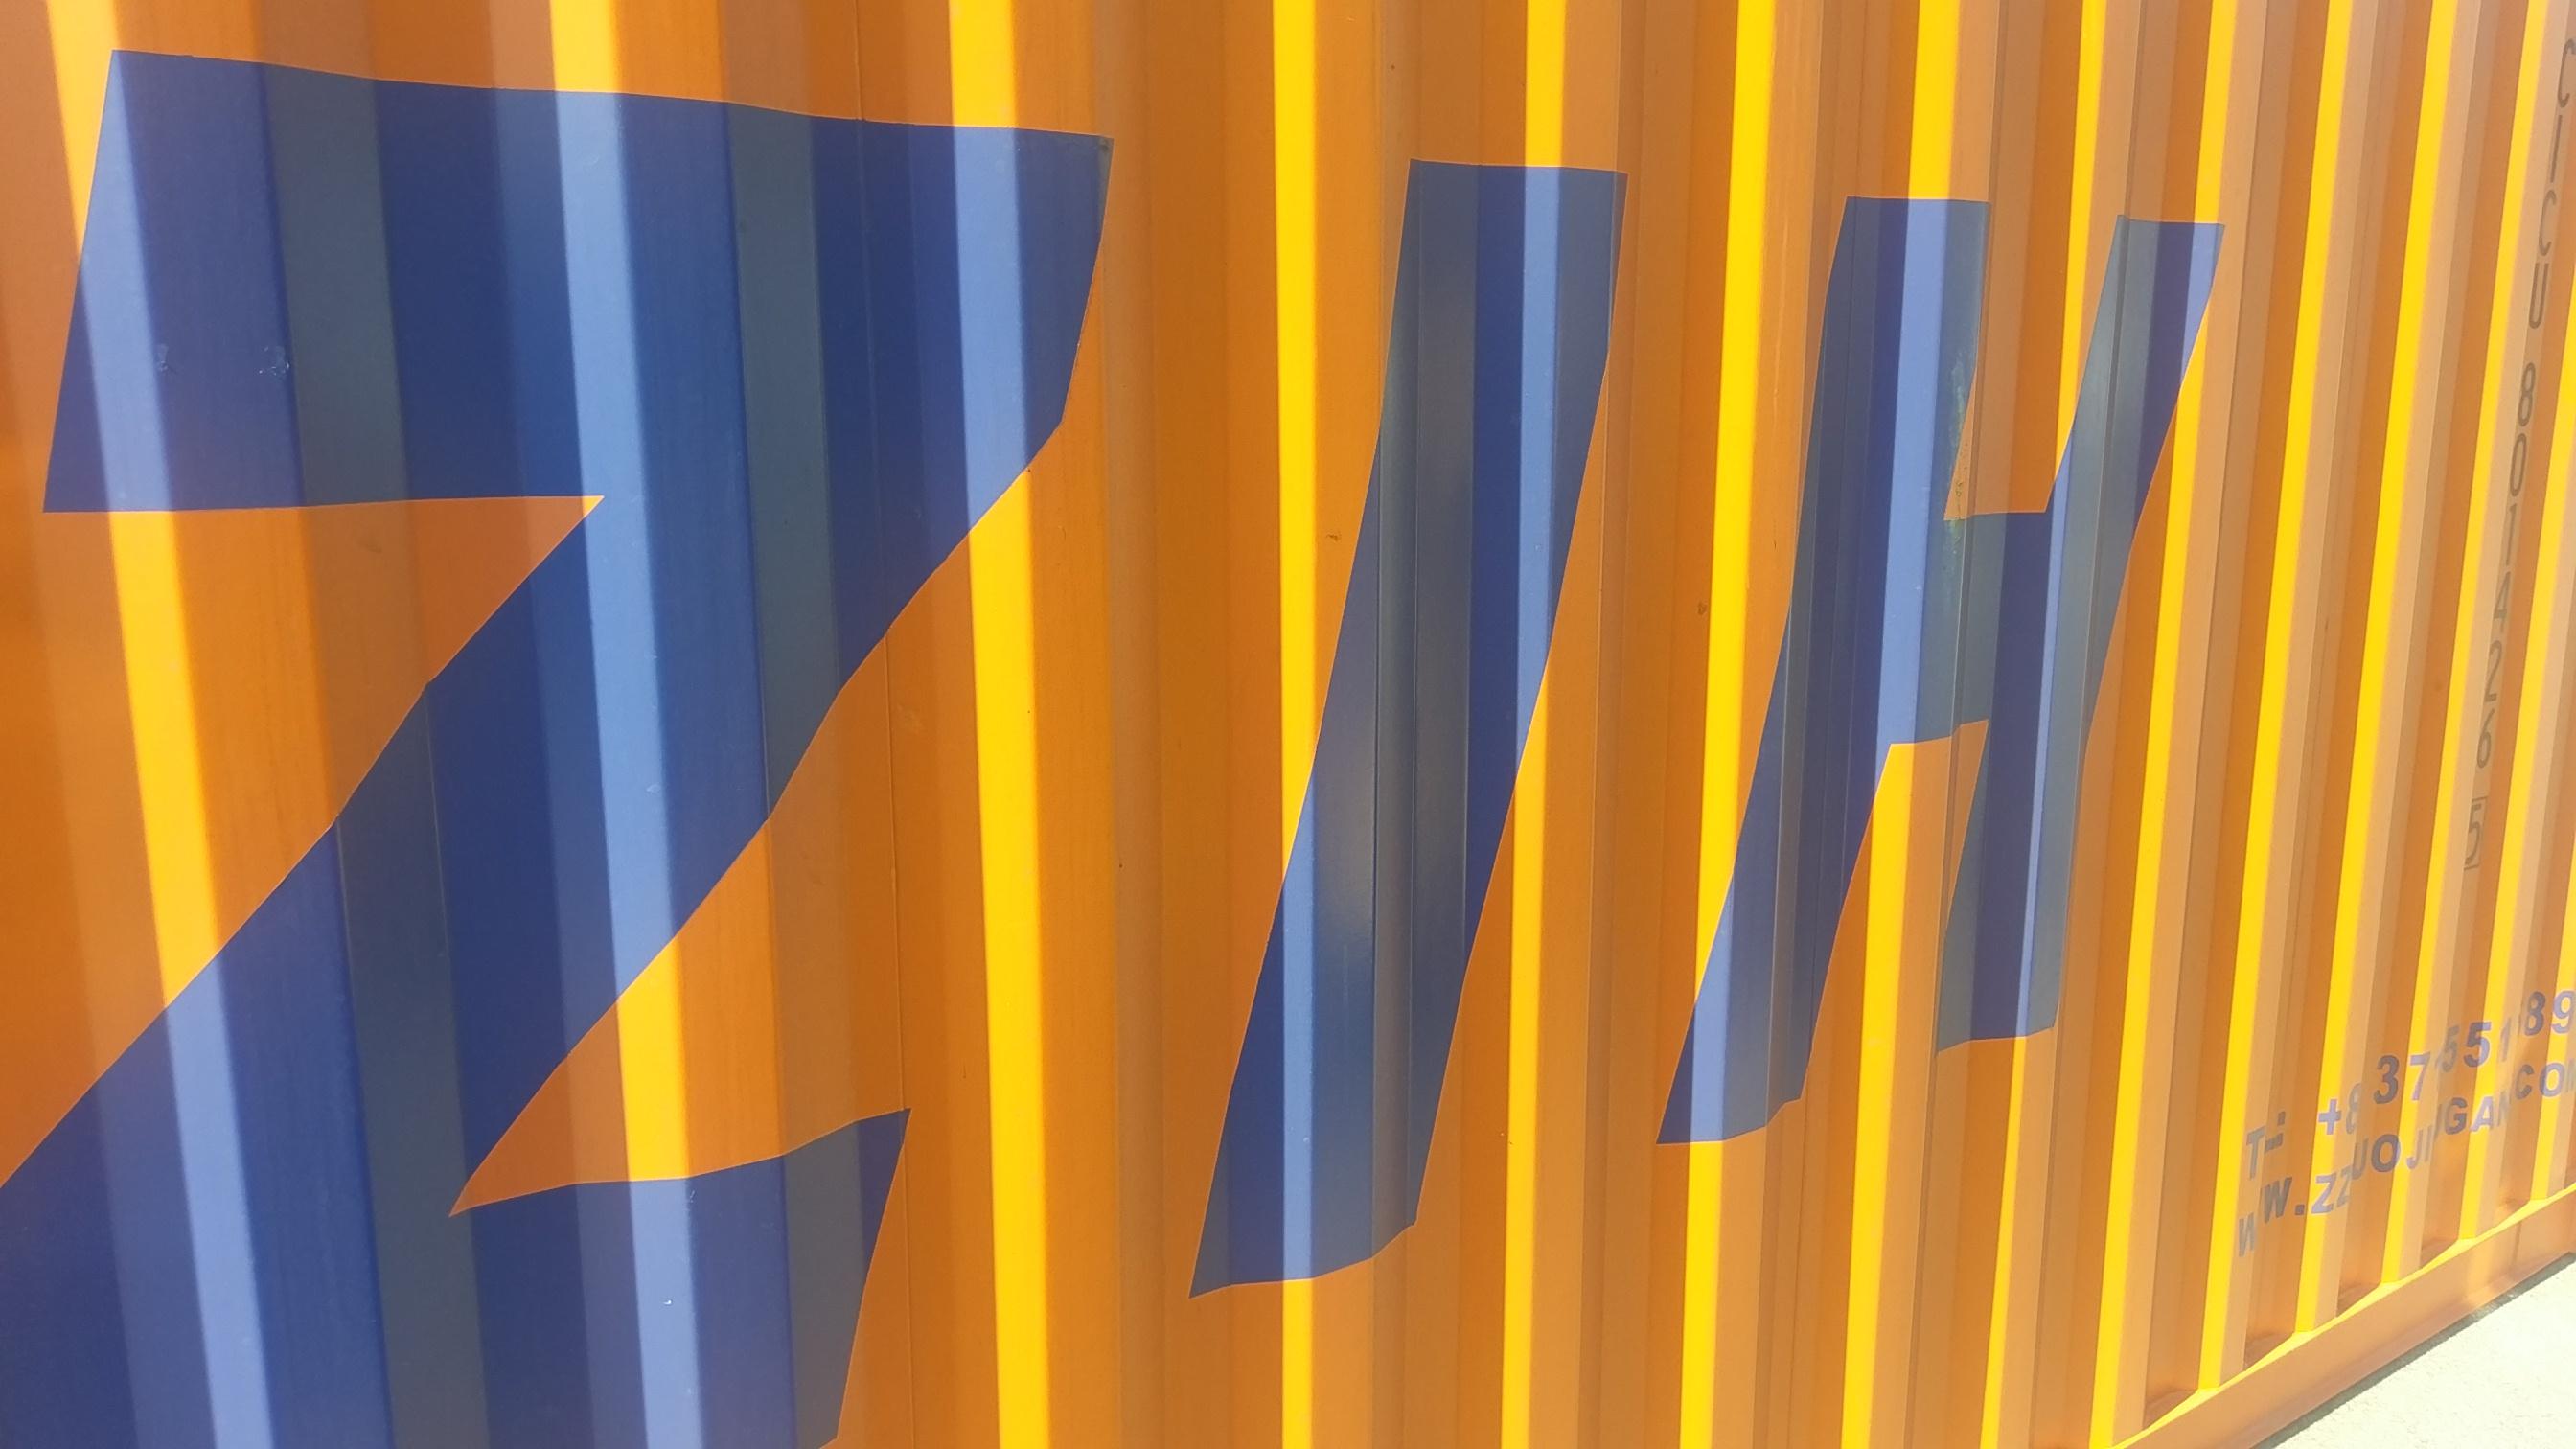 40' Standard Container in Orange und Buchstaben ZIH - Containerverladung per Zug nach China - Contibridge